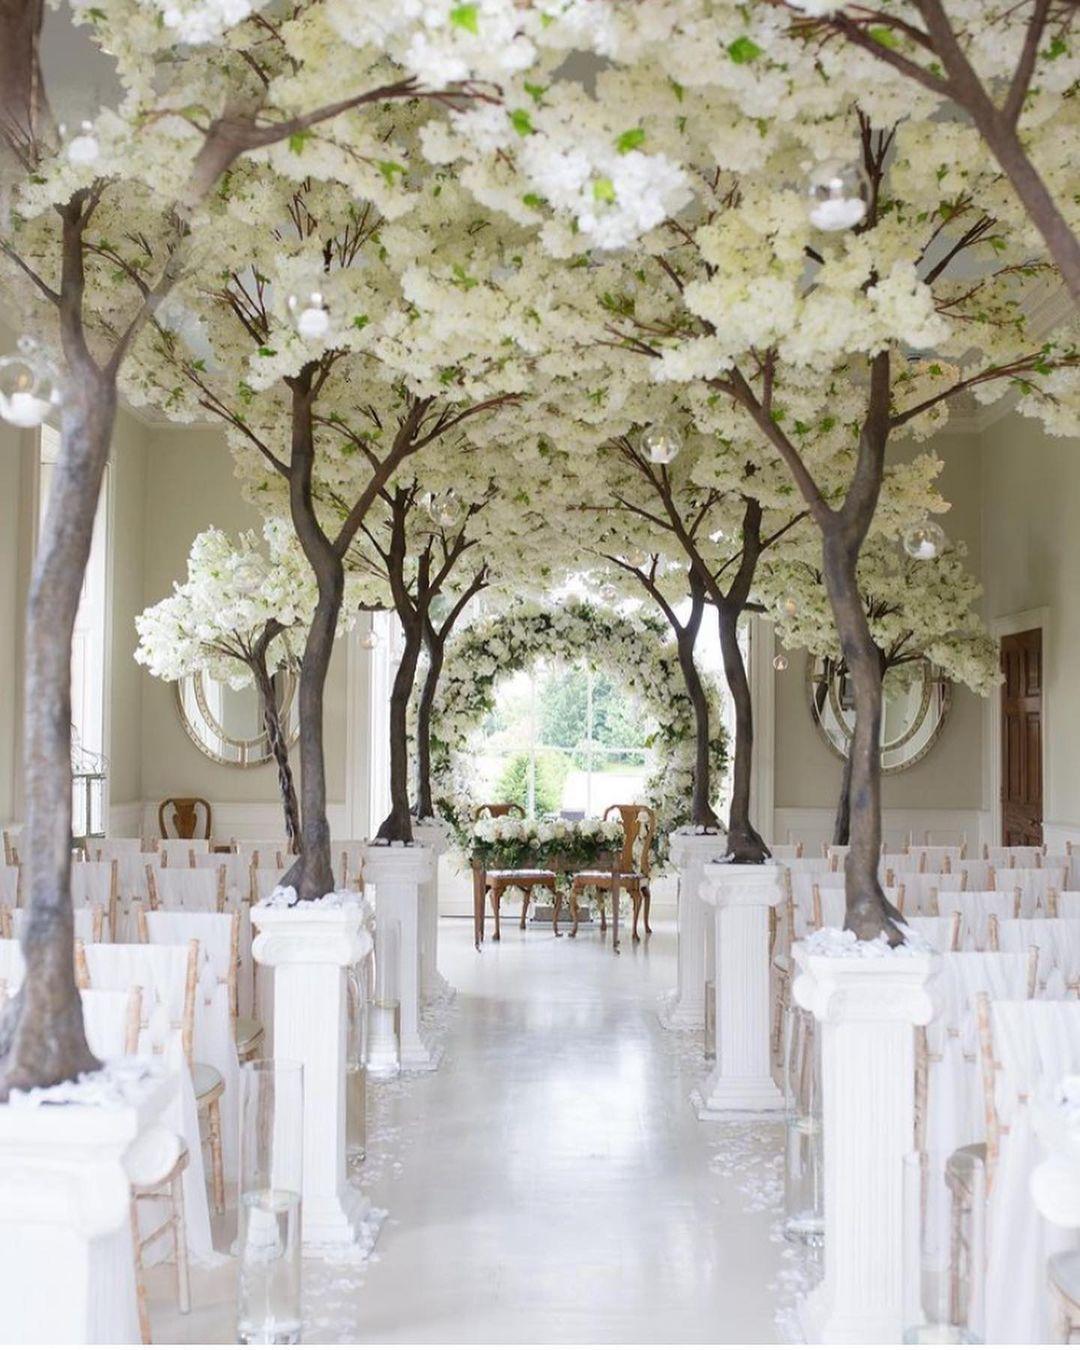 White Blossom Wedding Ceremony